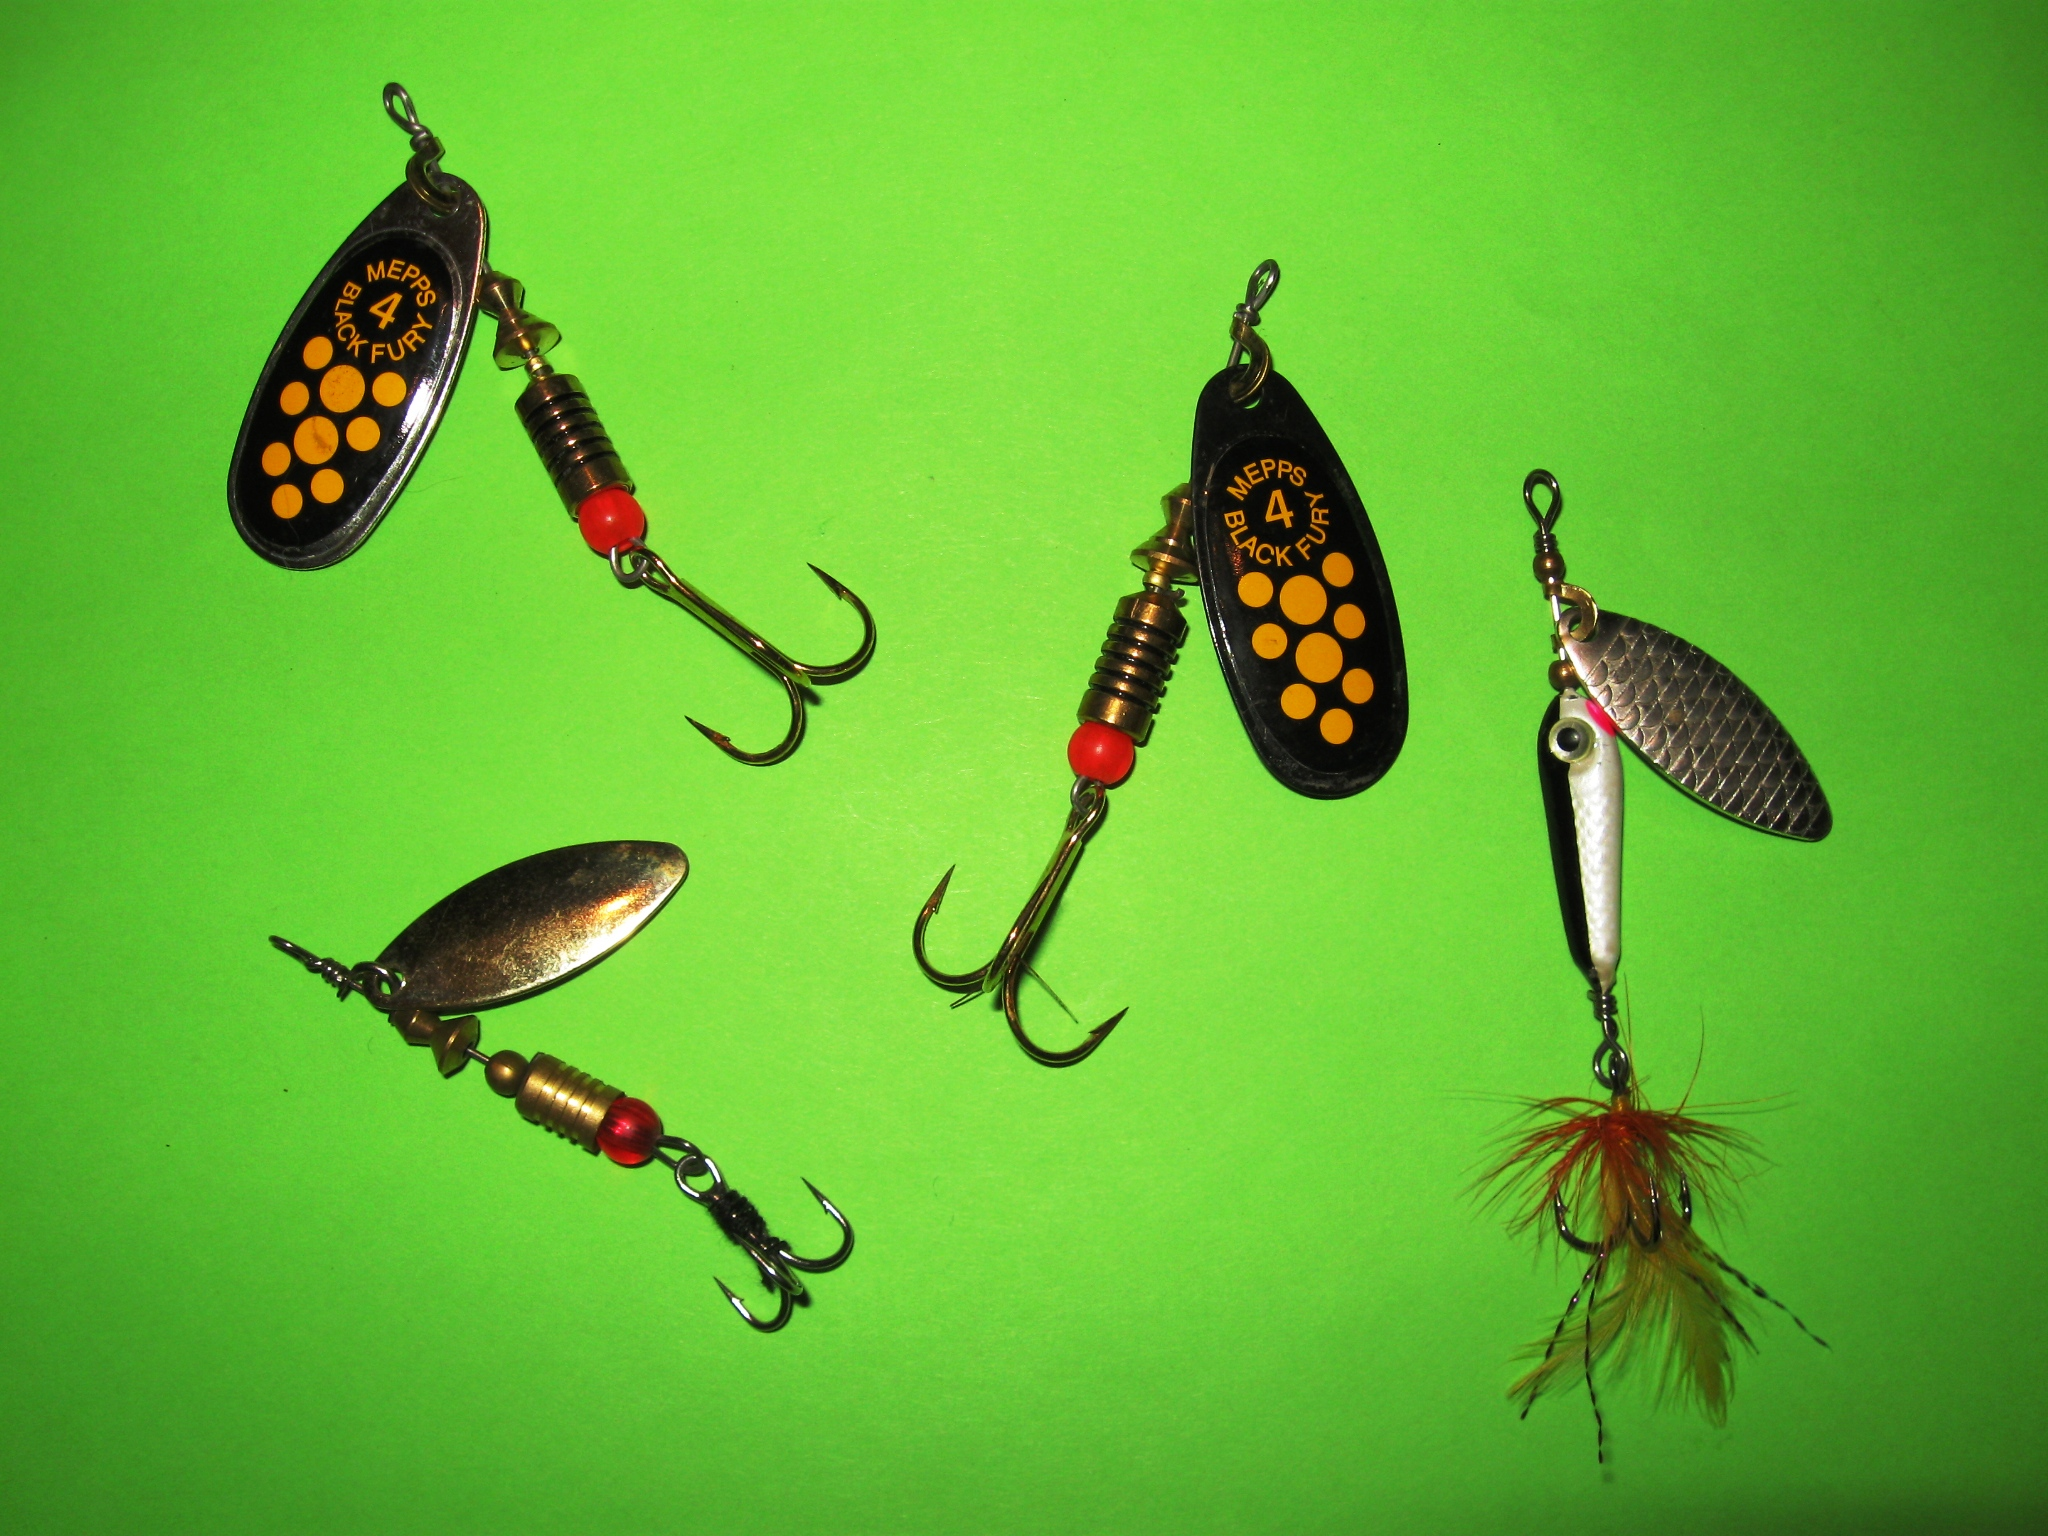 приманка для рыбы речной